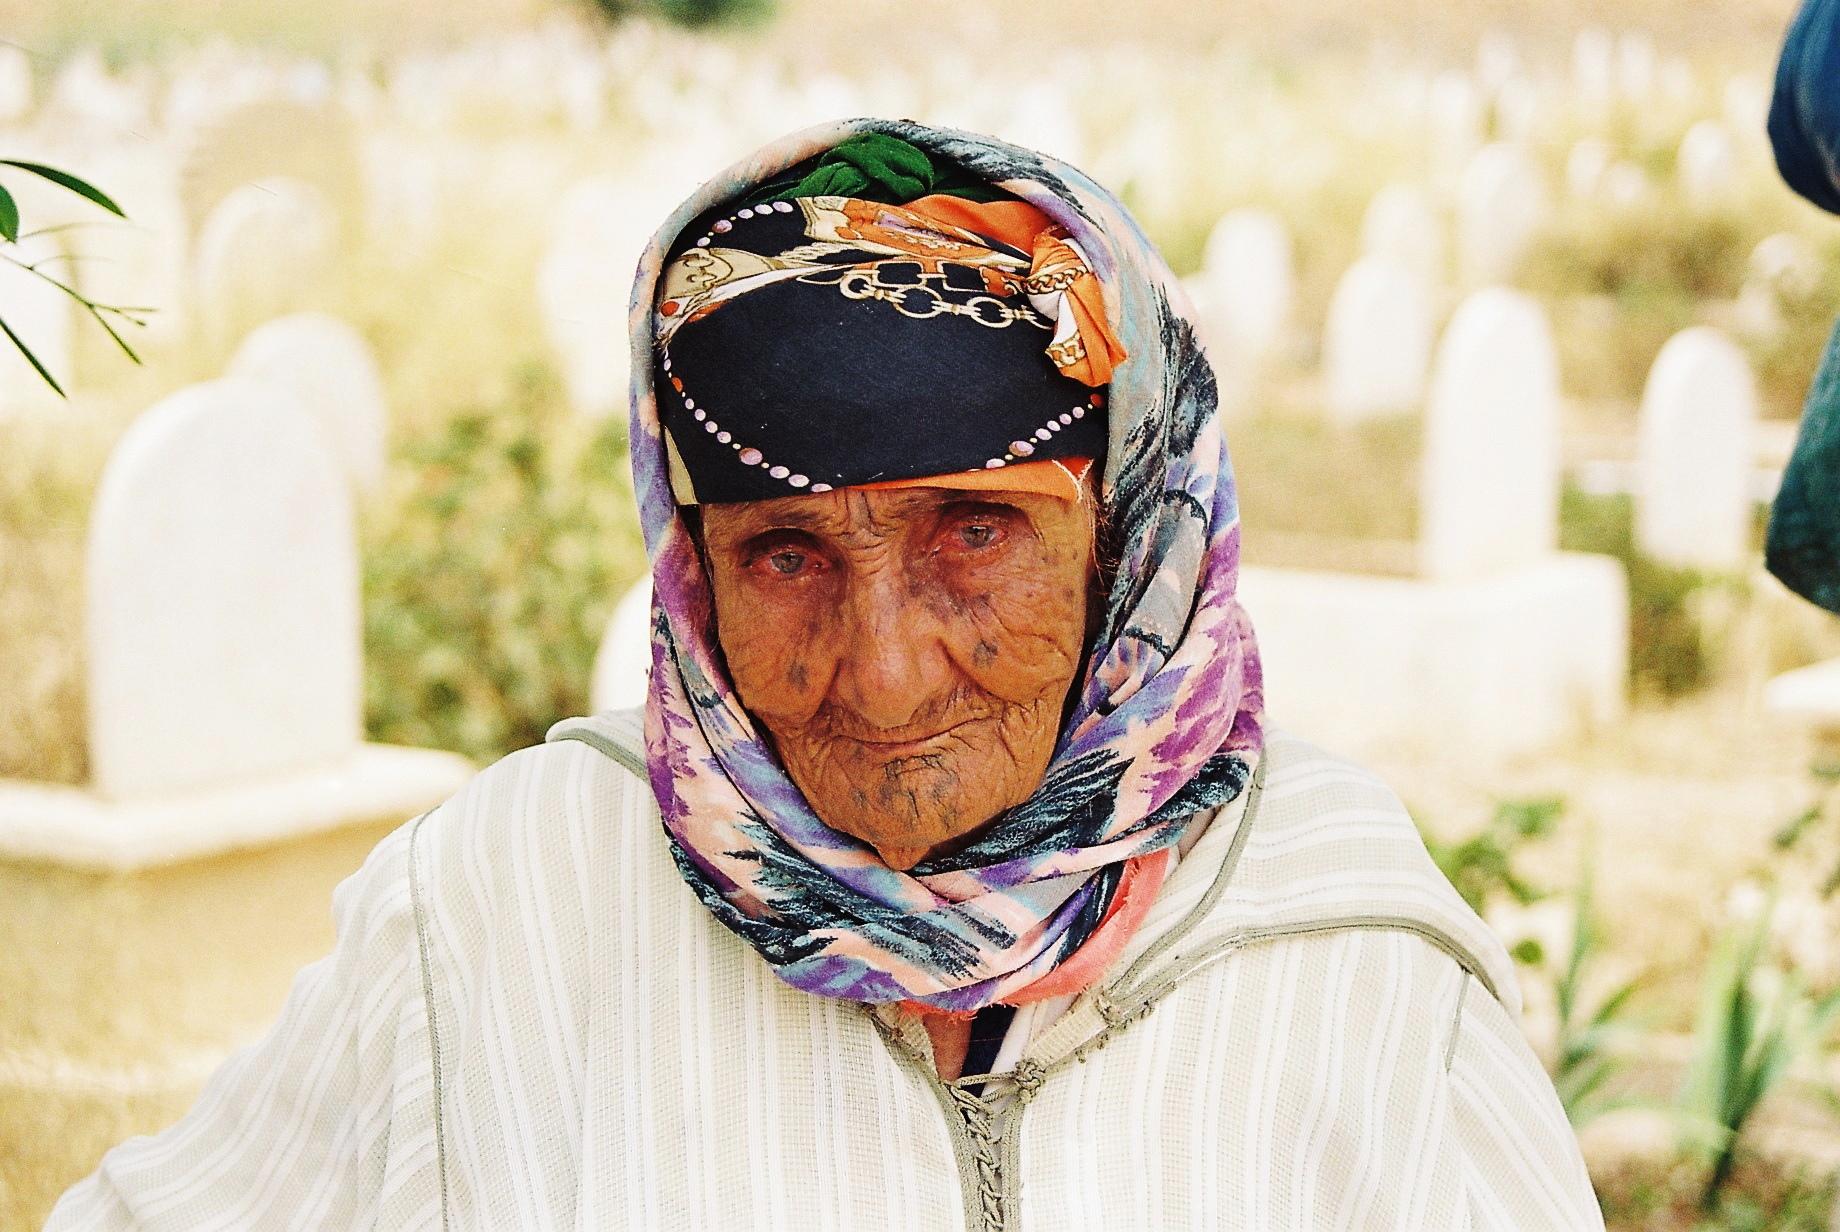 Maroc, portrait de femme